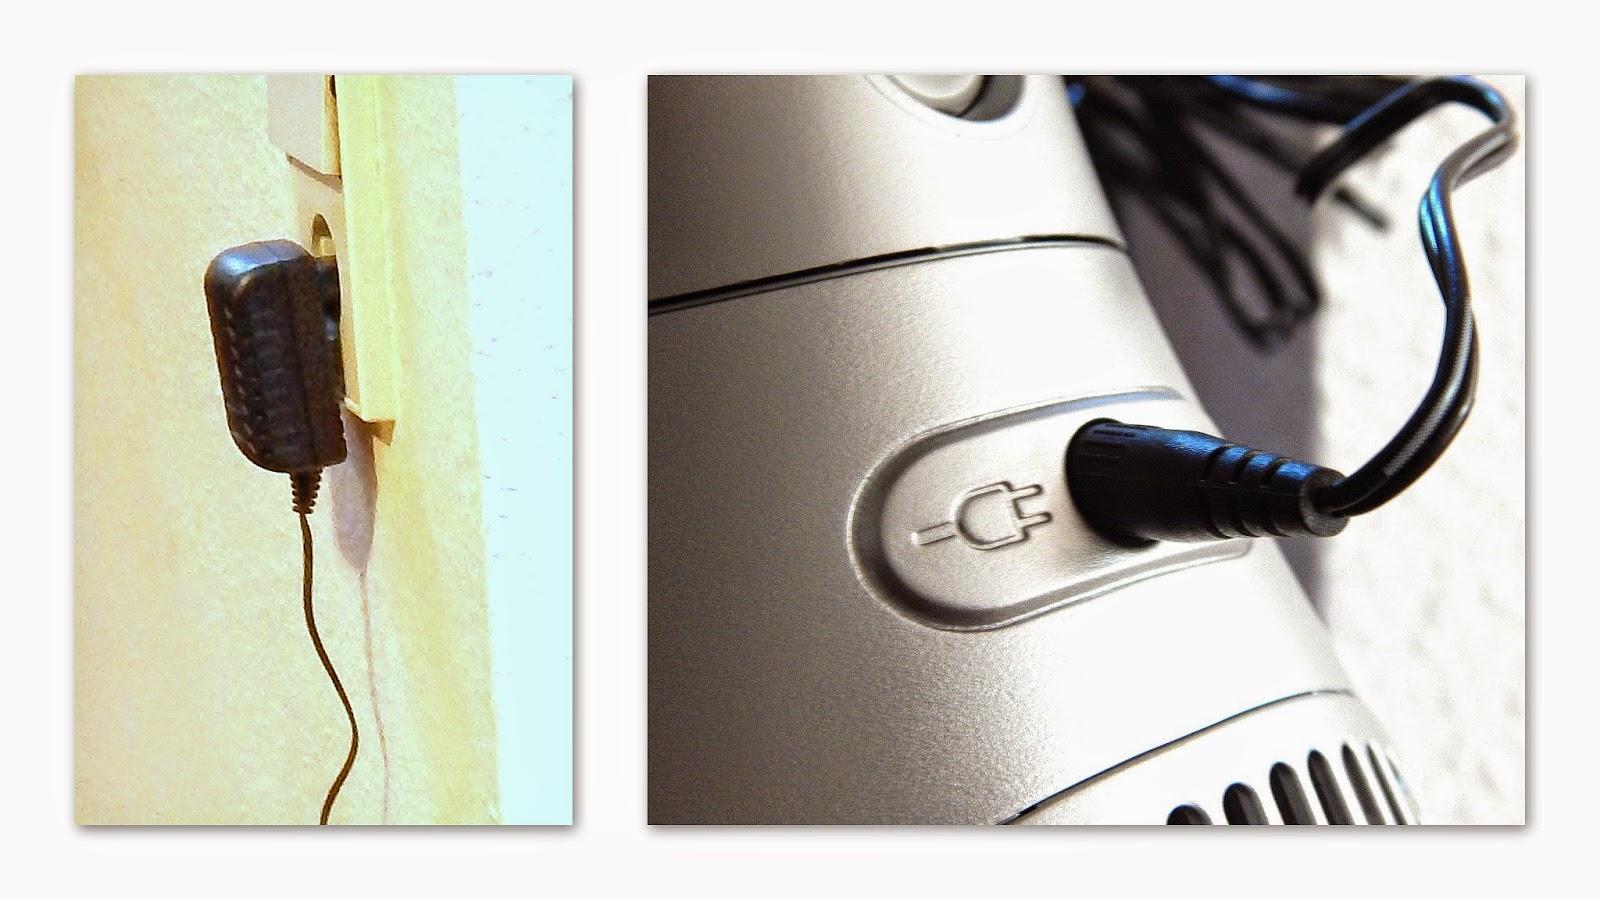 staubsauger ohne kabel m bel design idee f r sie. Black Bedroom Furniture Sets. Home Design Ideas